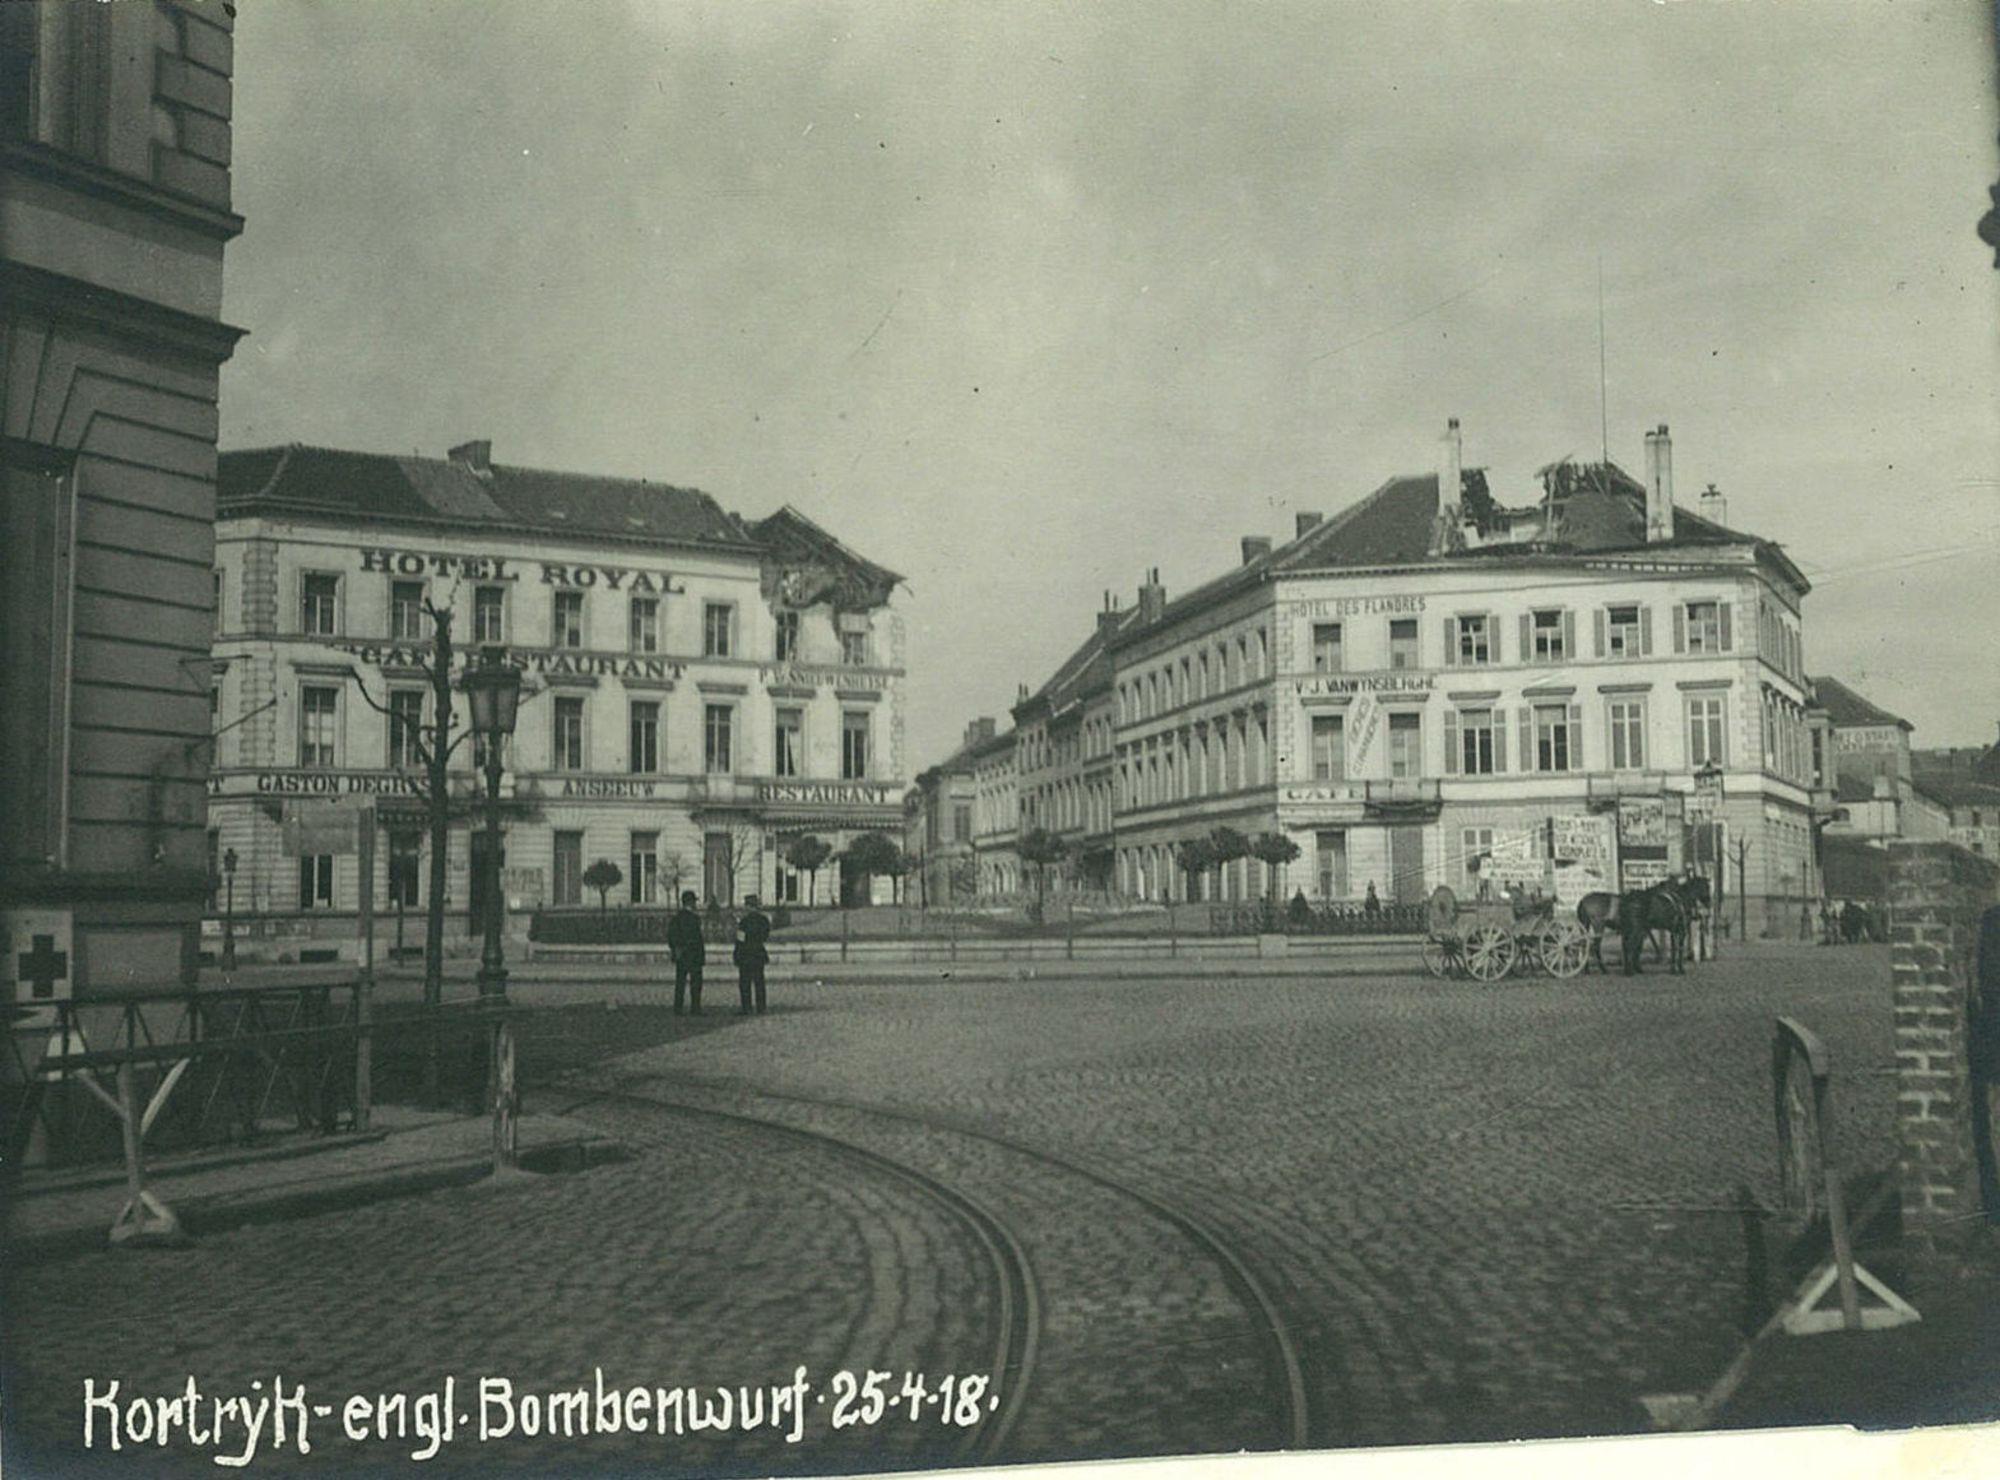 Stationsplein in 1918